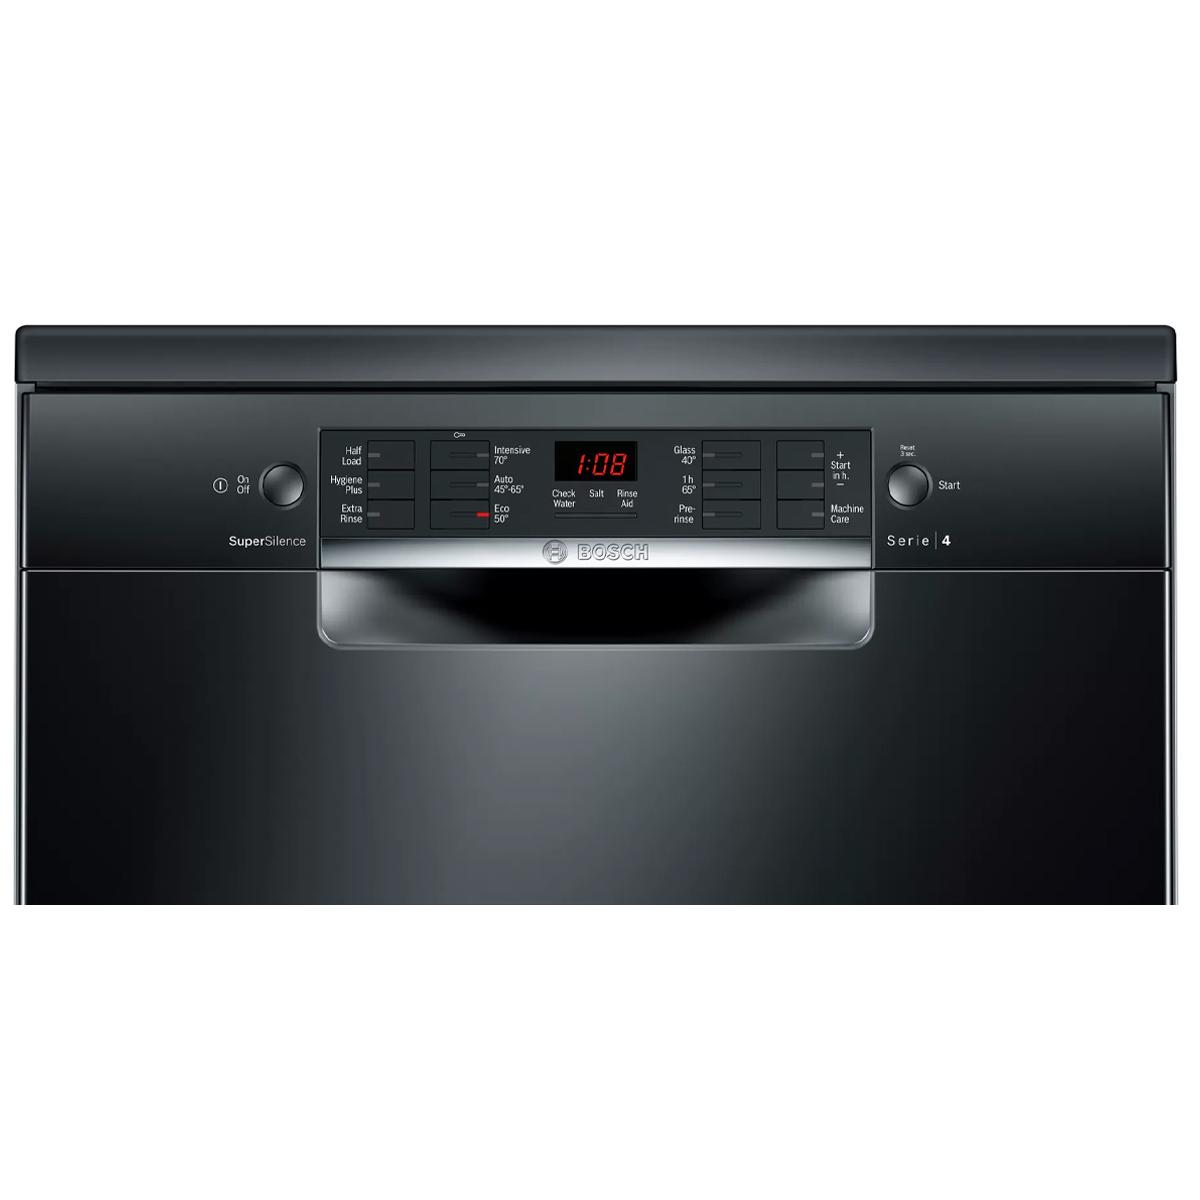 Посудомоечная машина Bosch SMS46NB01B (черный)  - 2